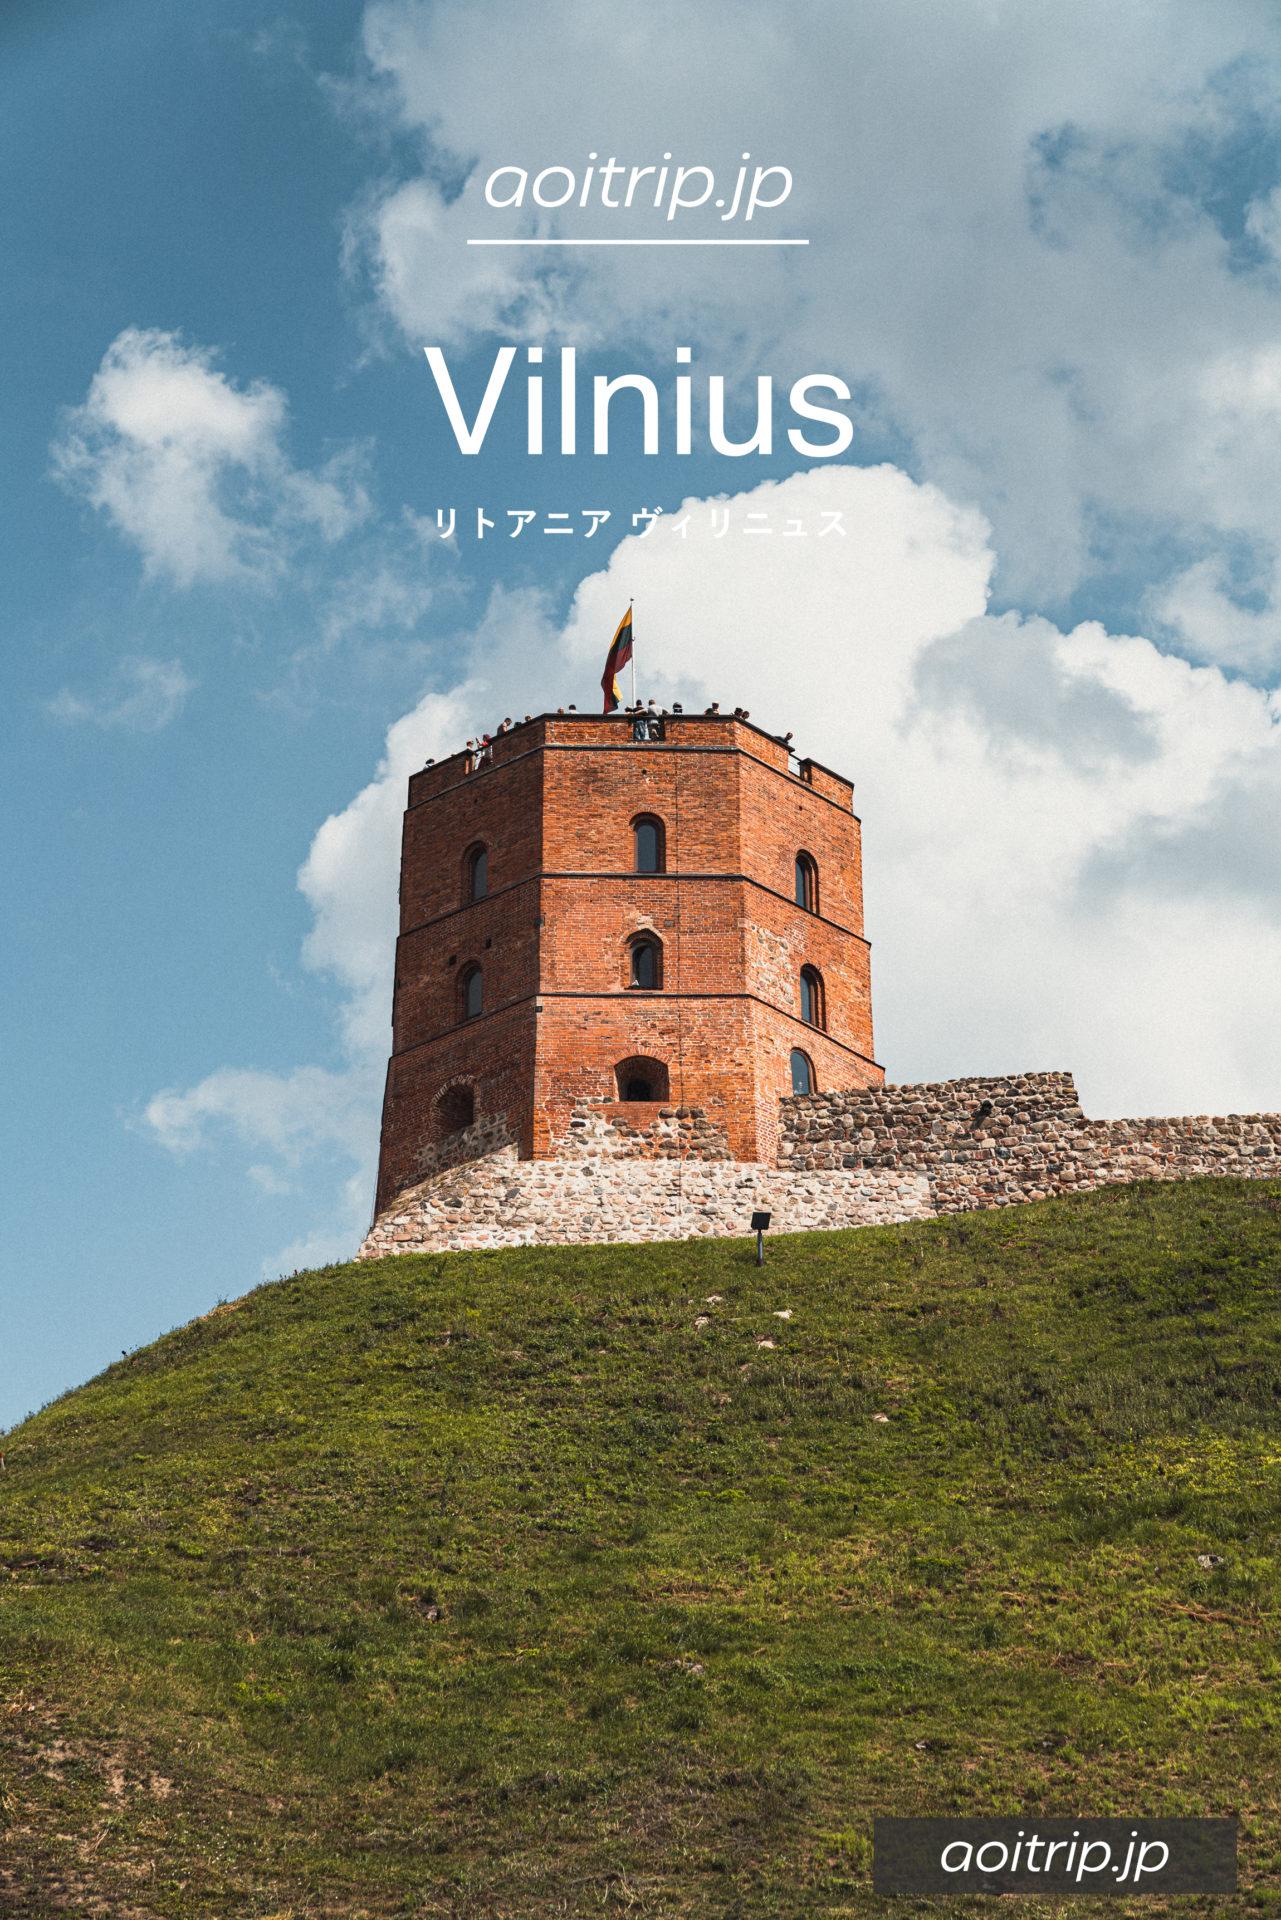 リトアニア ヴィリニュス観光の見どころ 旅行ガイド Vilnius Travel Guide